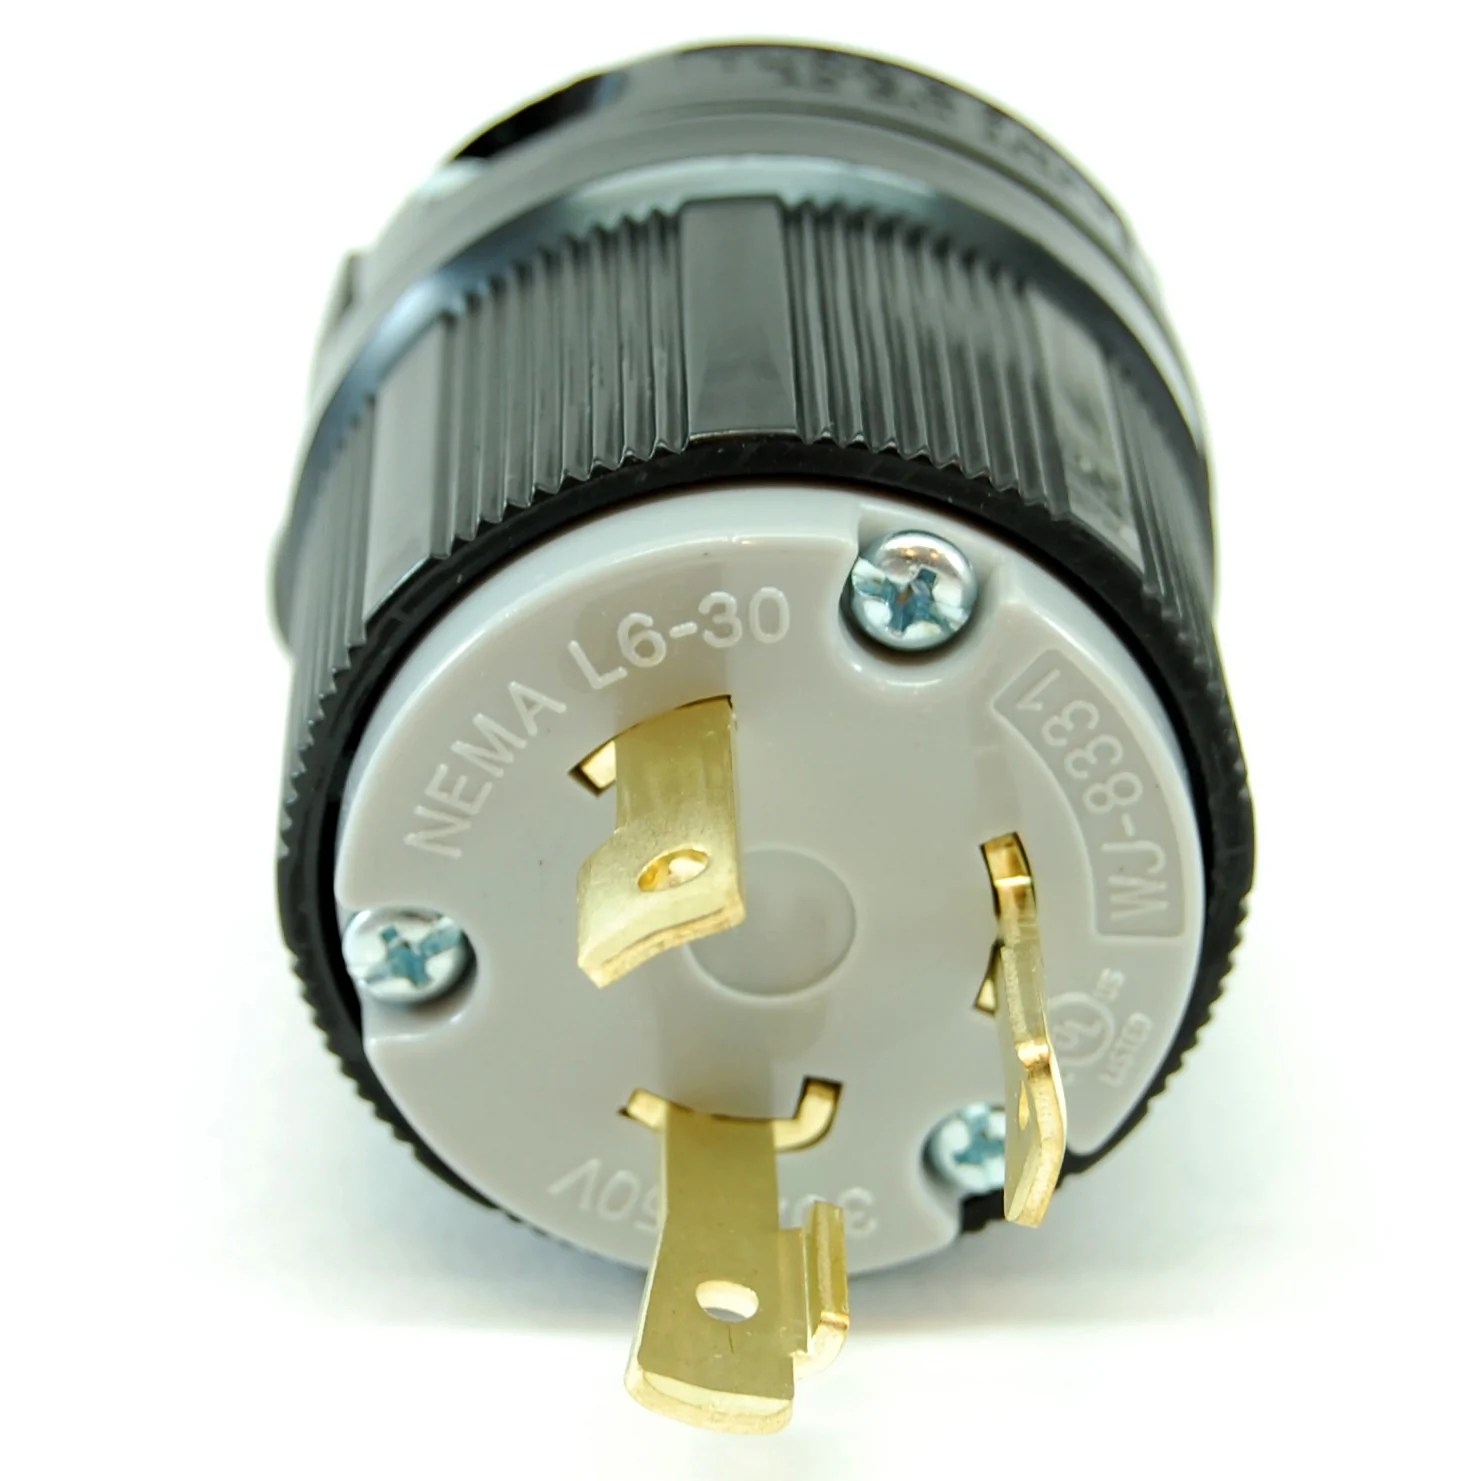 nema l6 30 250vac 30a twist lock electrical male plug [ 1481 x 1481 Pixel ]